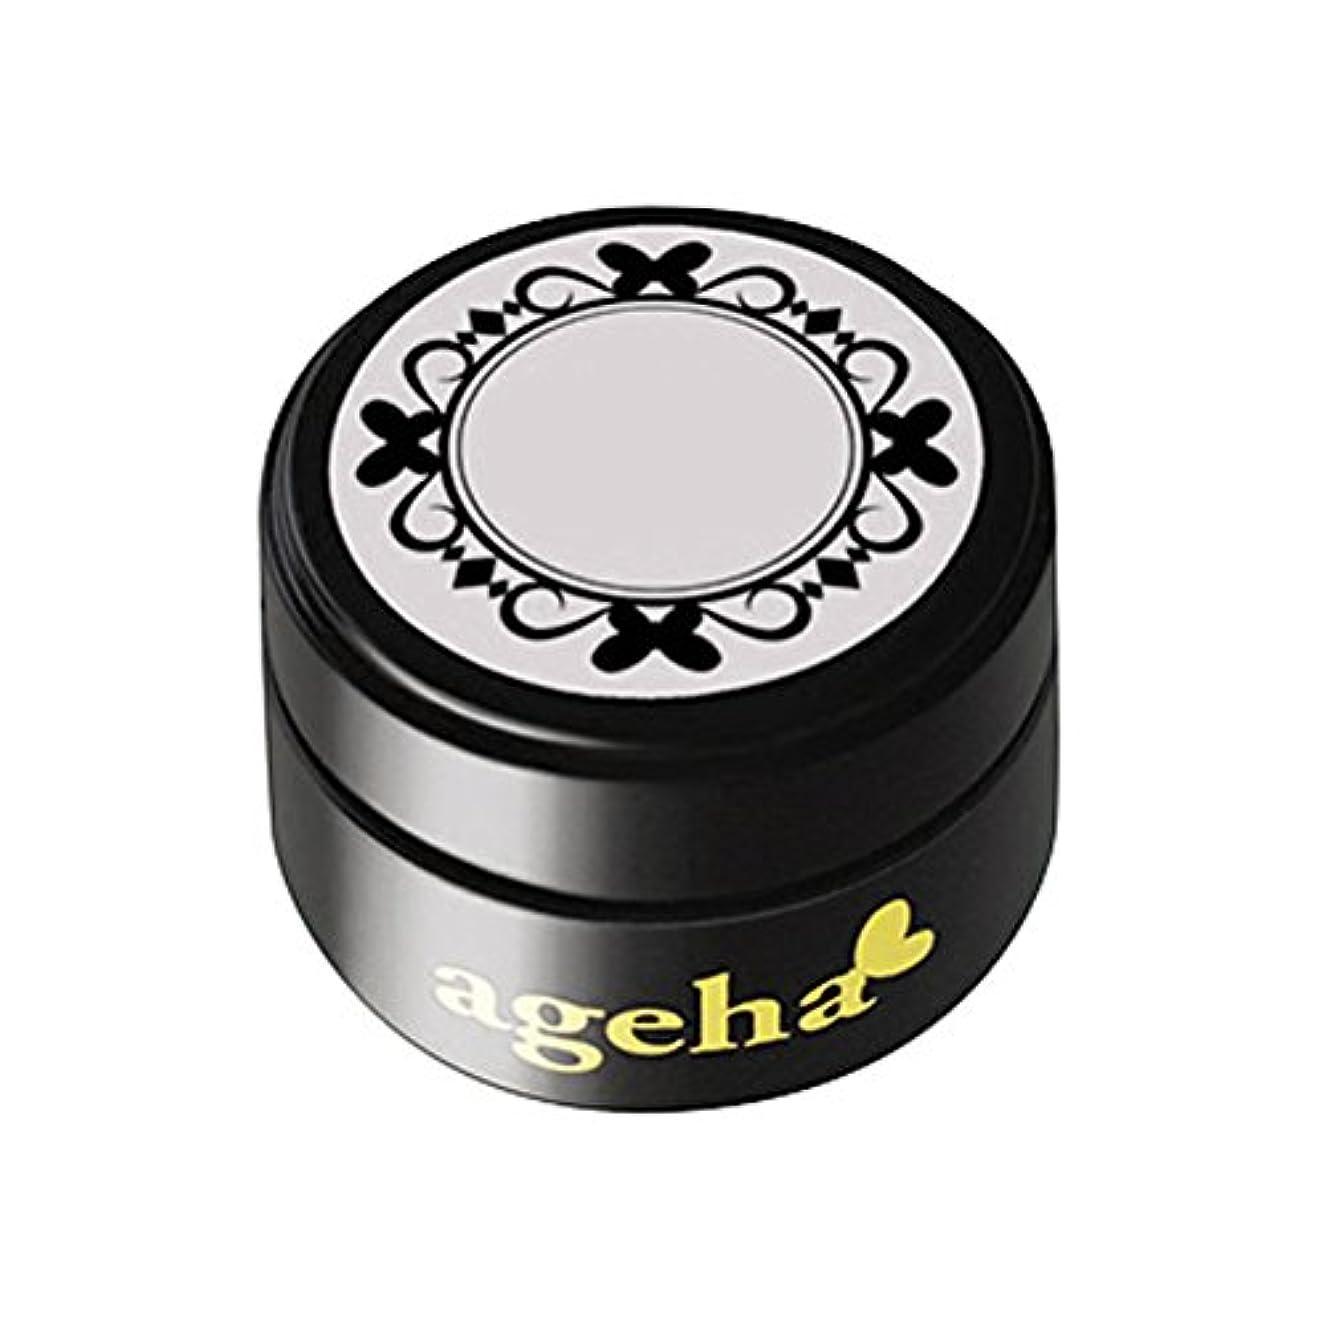 移動する引き出す行方不明ageha gel カラージェル コスメカラー 216 ノスタルジー 2.7g UV/LED対応